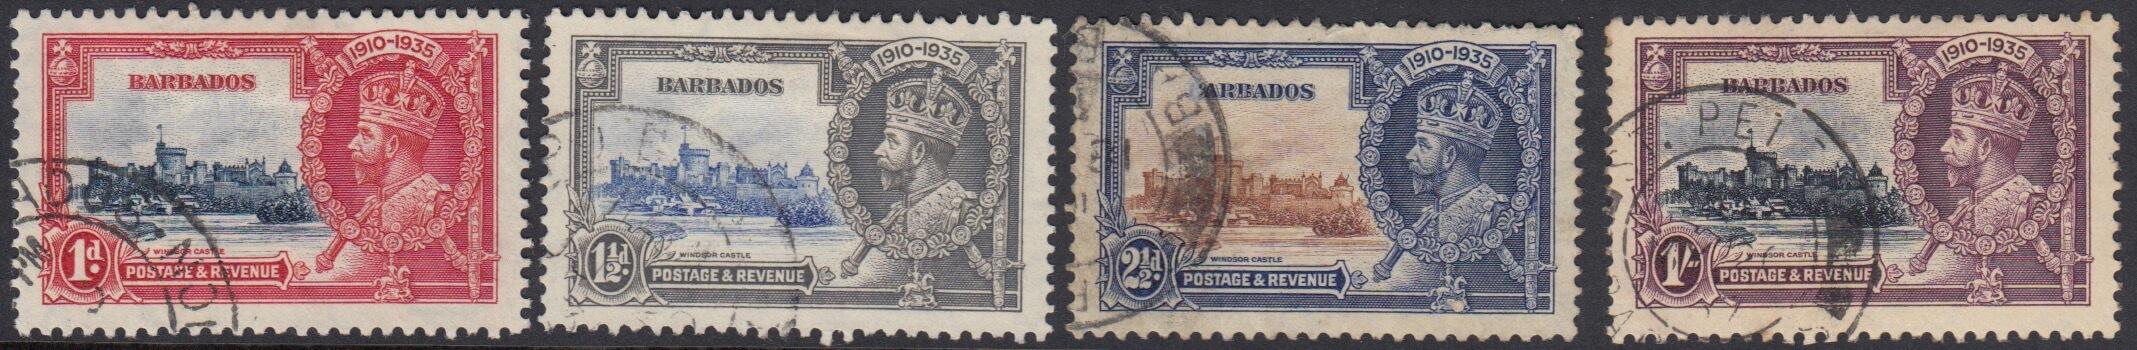 Barbados SG241-244 | Silver Jubilee